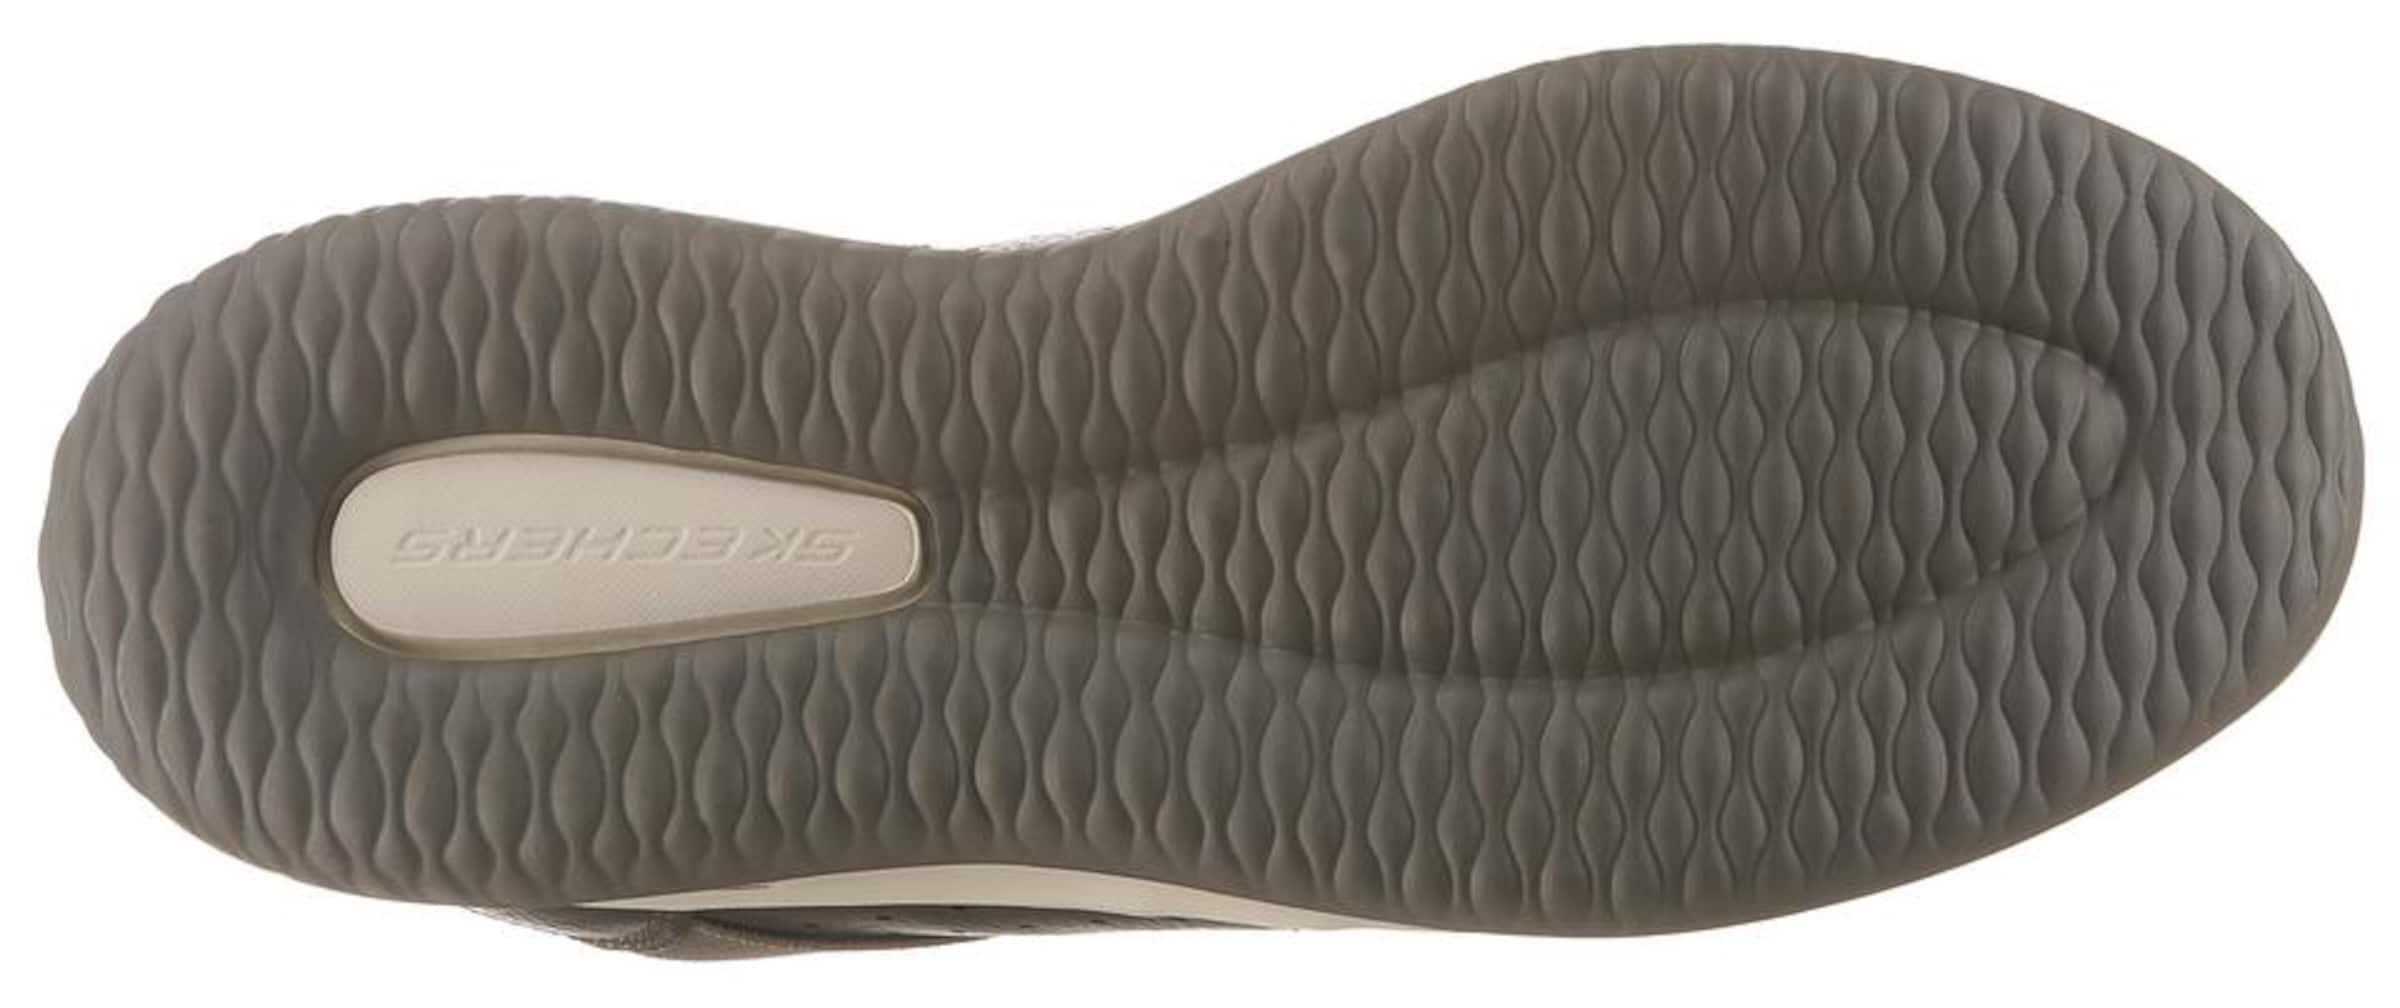 Skechers Oliv 'delson Sneaker In Camben' vNOnm8wy0